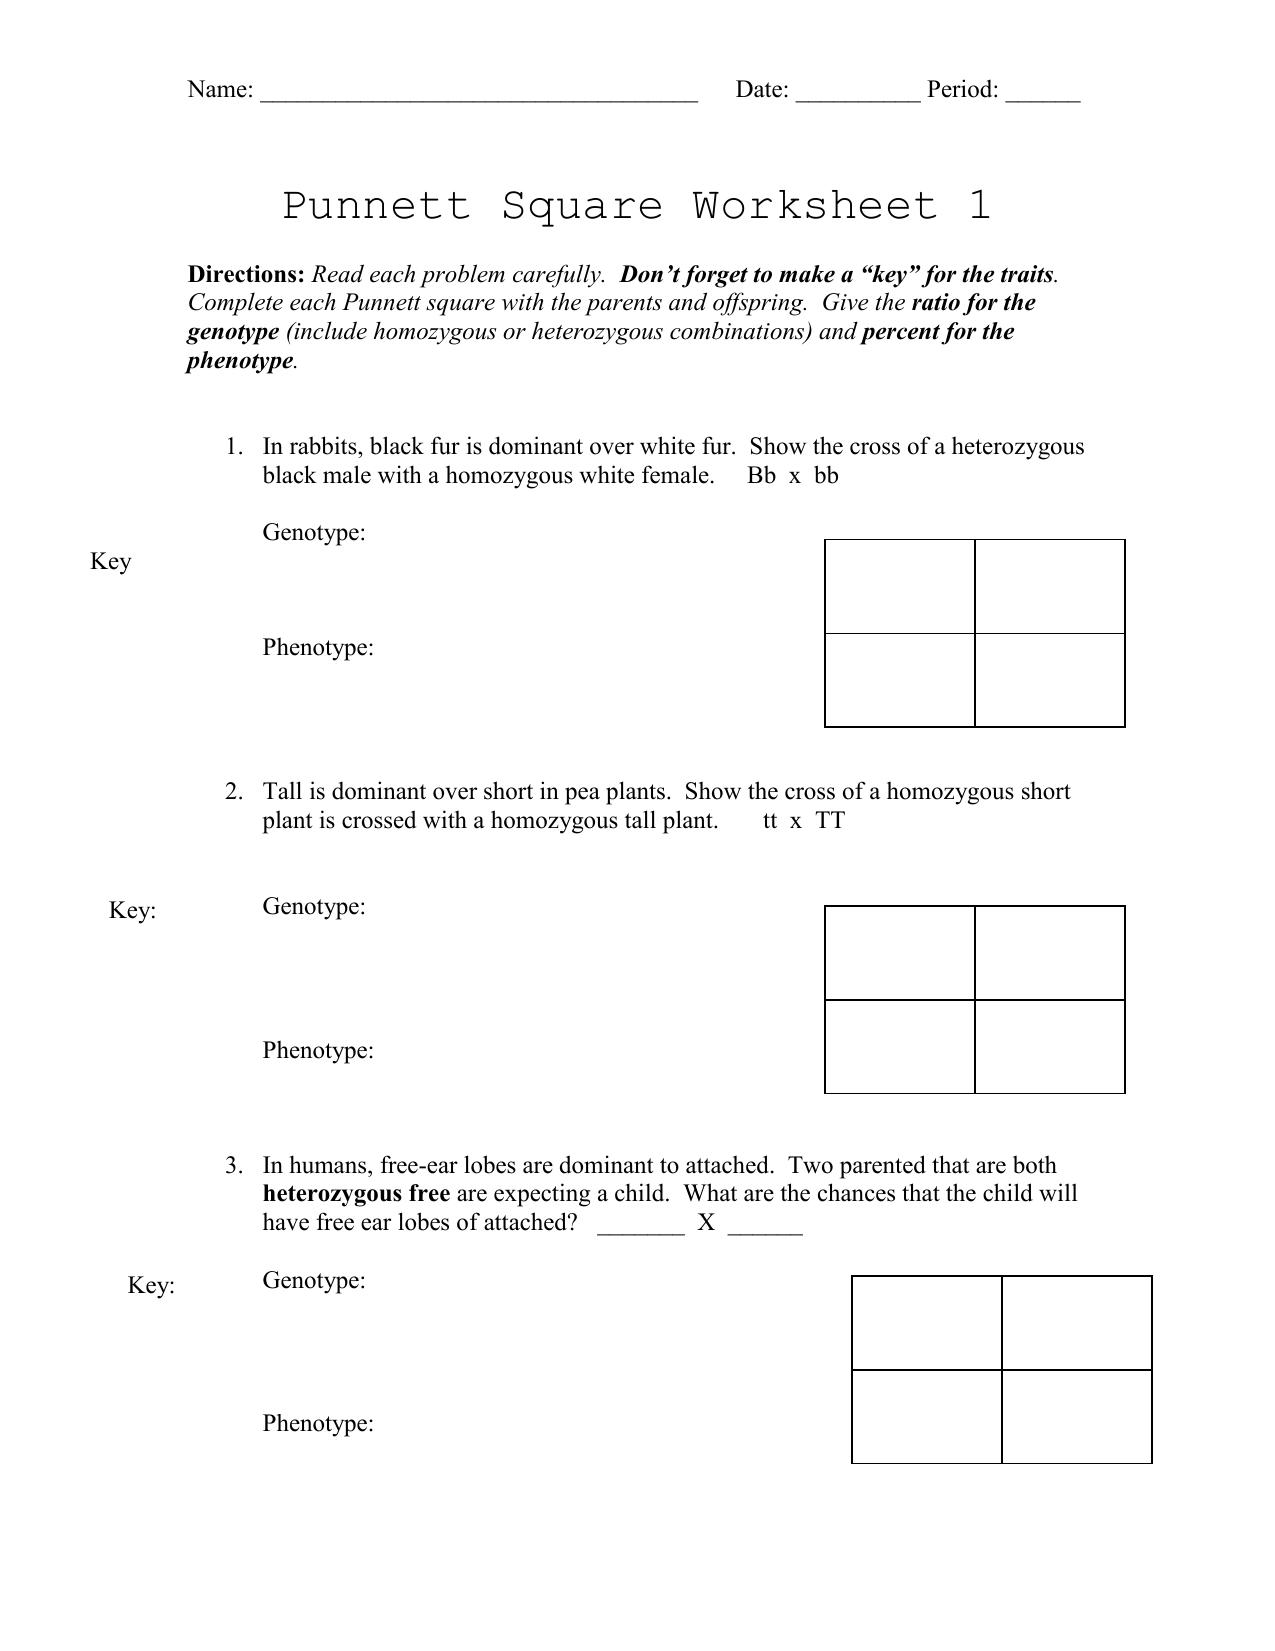 Punnett Square Worksheet 1 Key